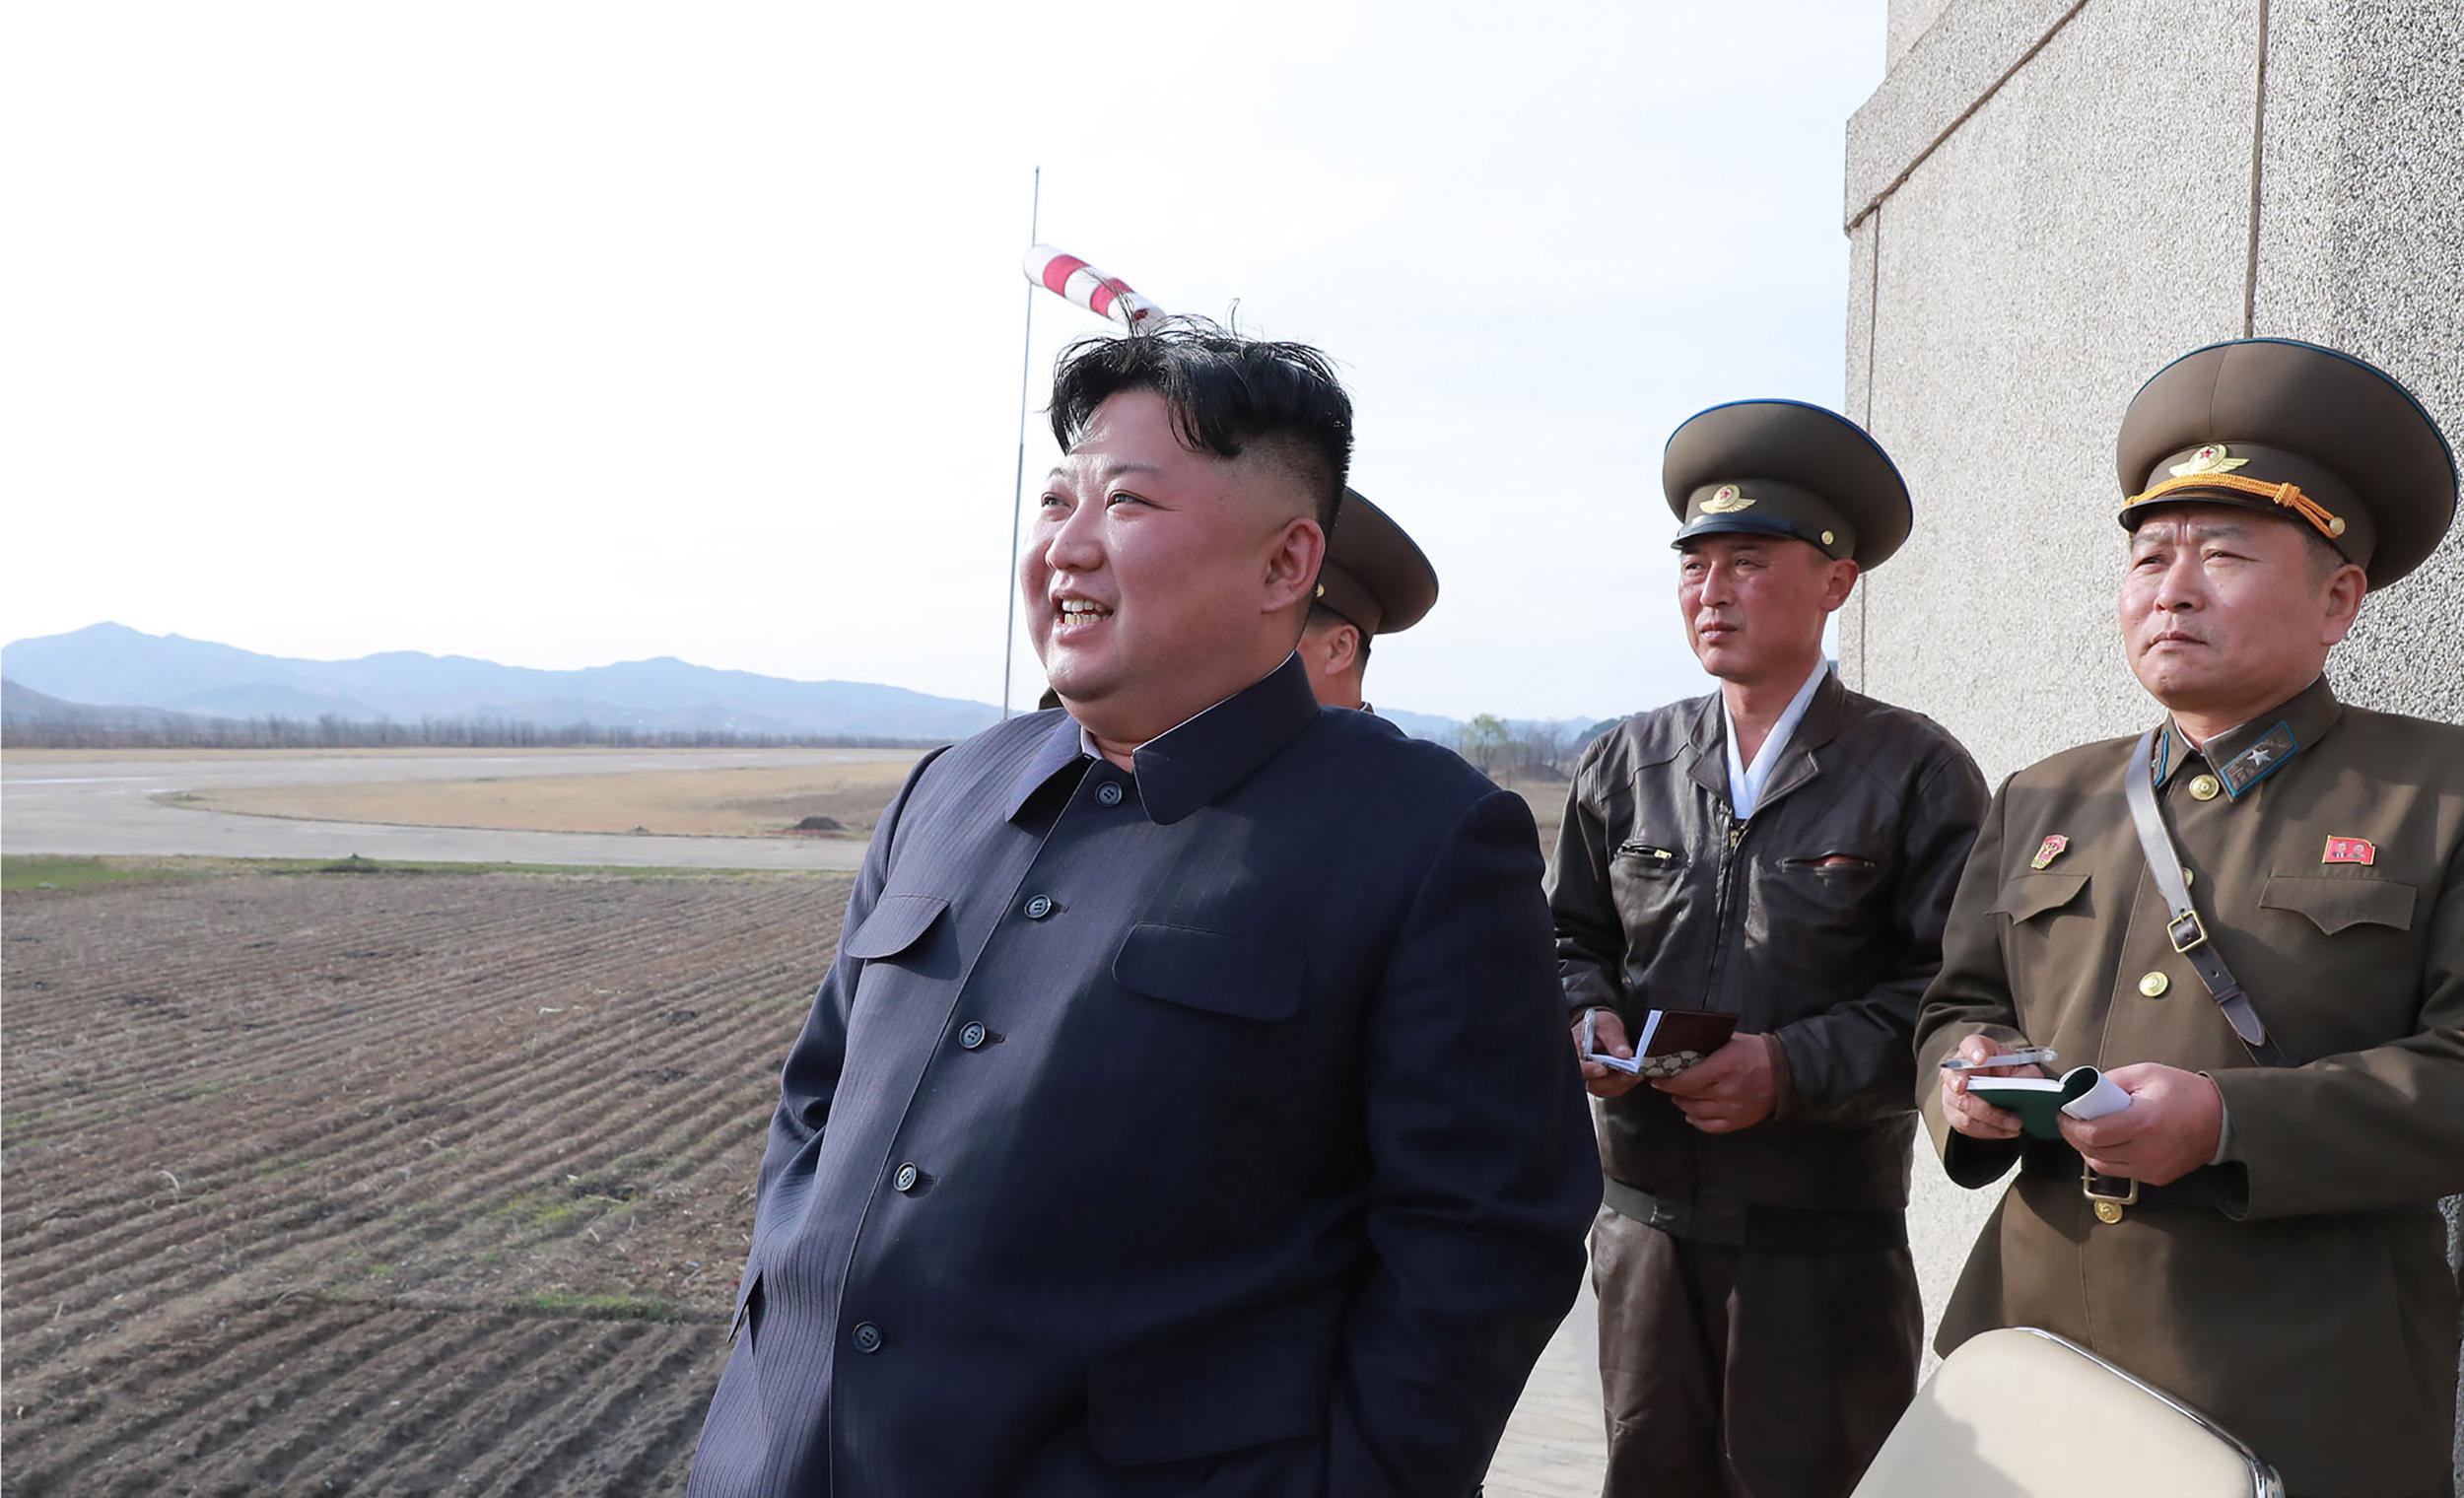 Észak-Korea szerint új típusú taktikai fegyvert teszteltek